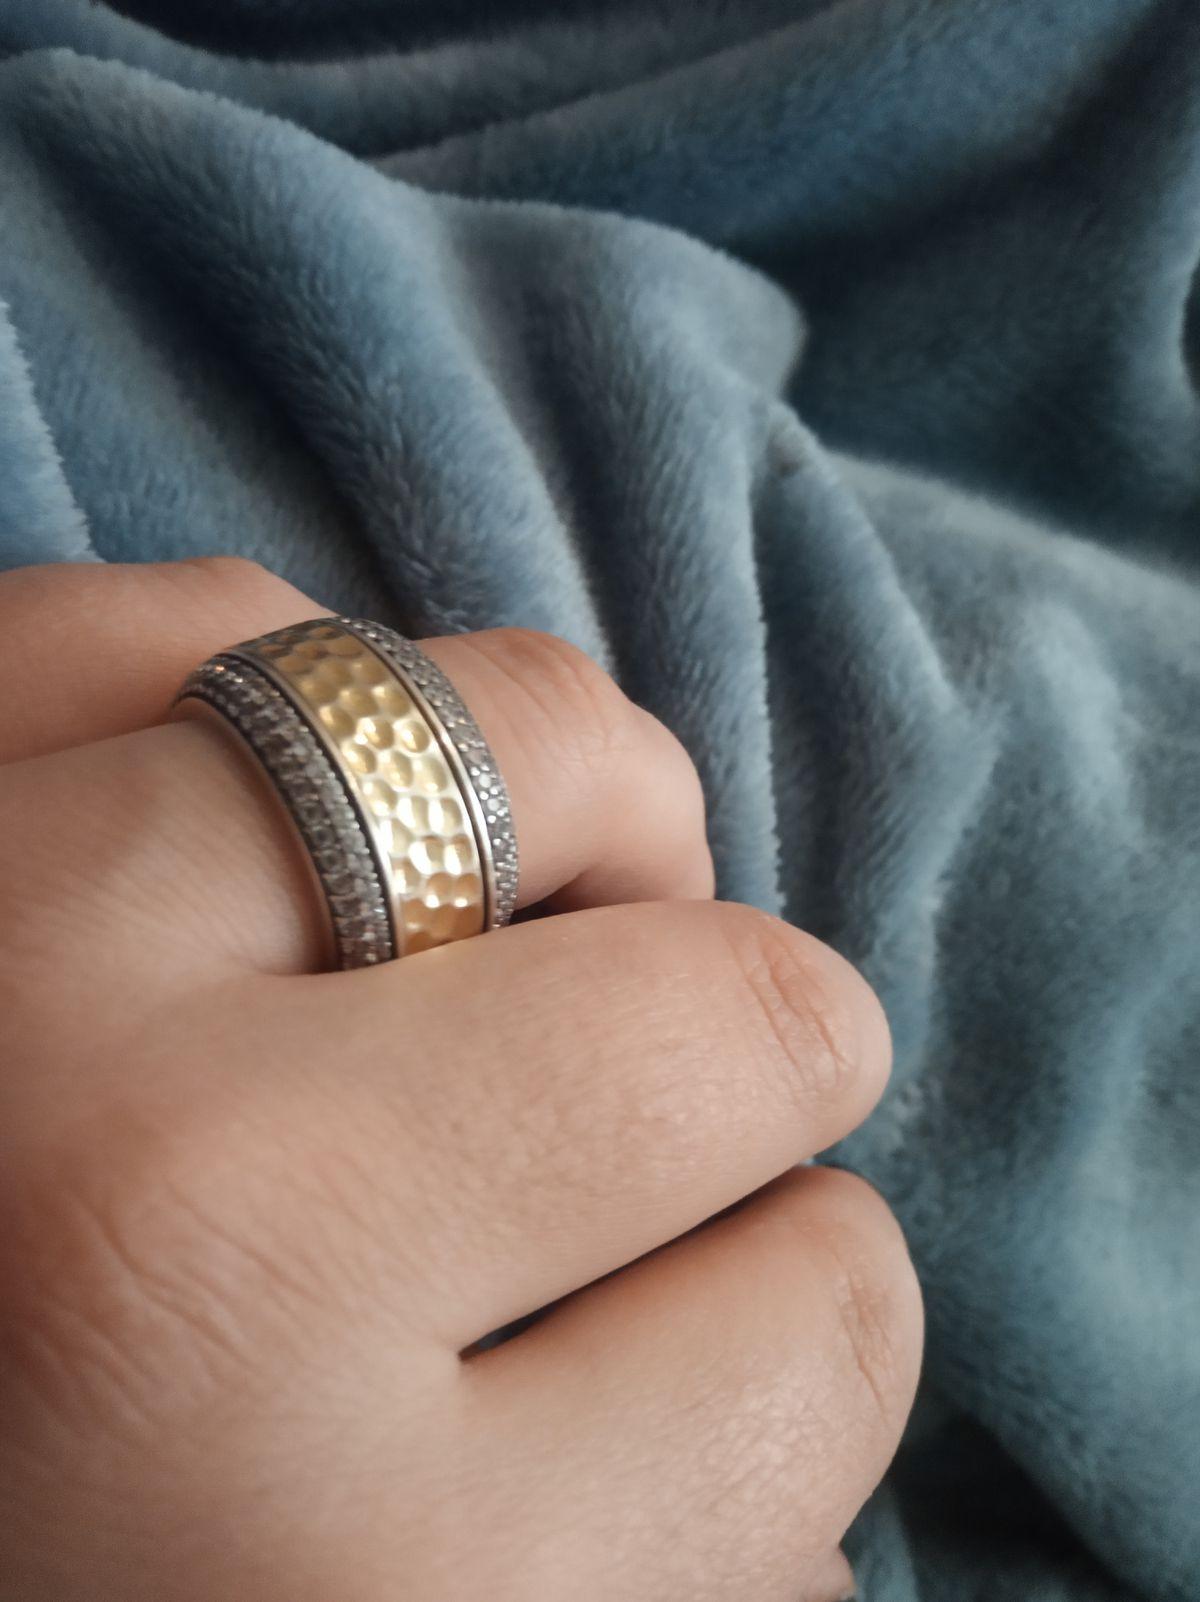 Достаточно одного  кольца чтобы завершить образ , больше ничего не надо ...